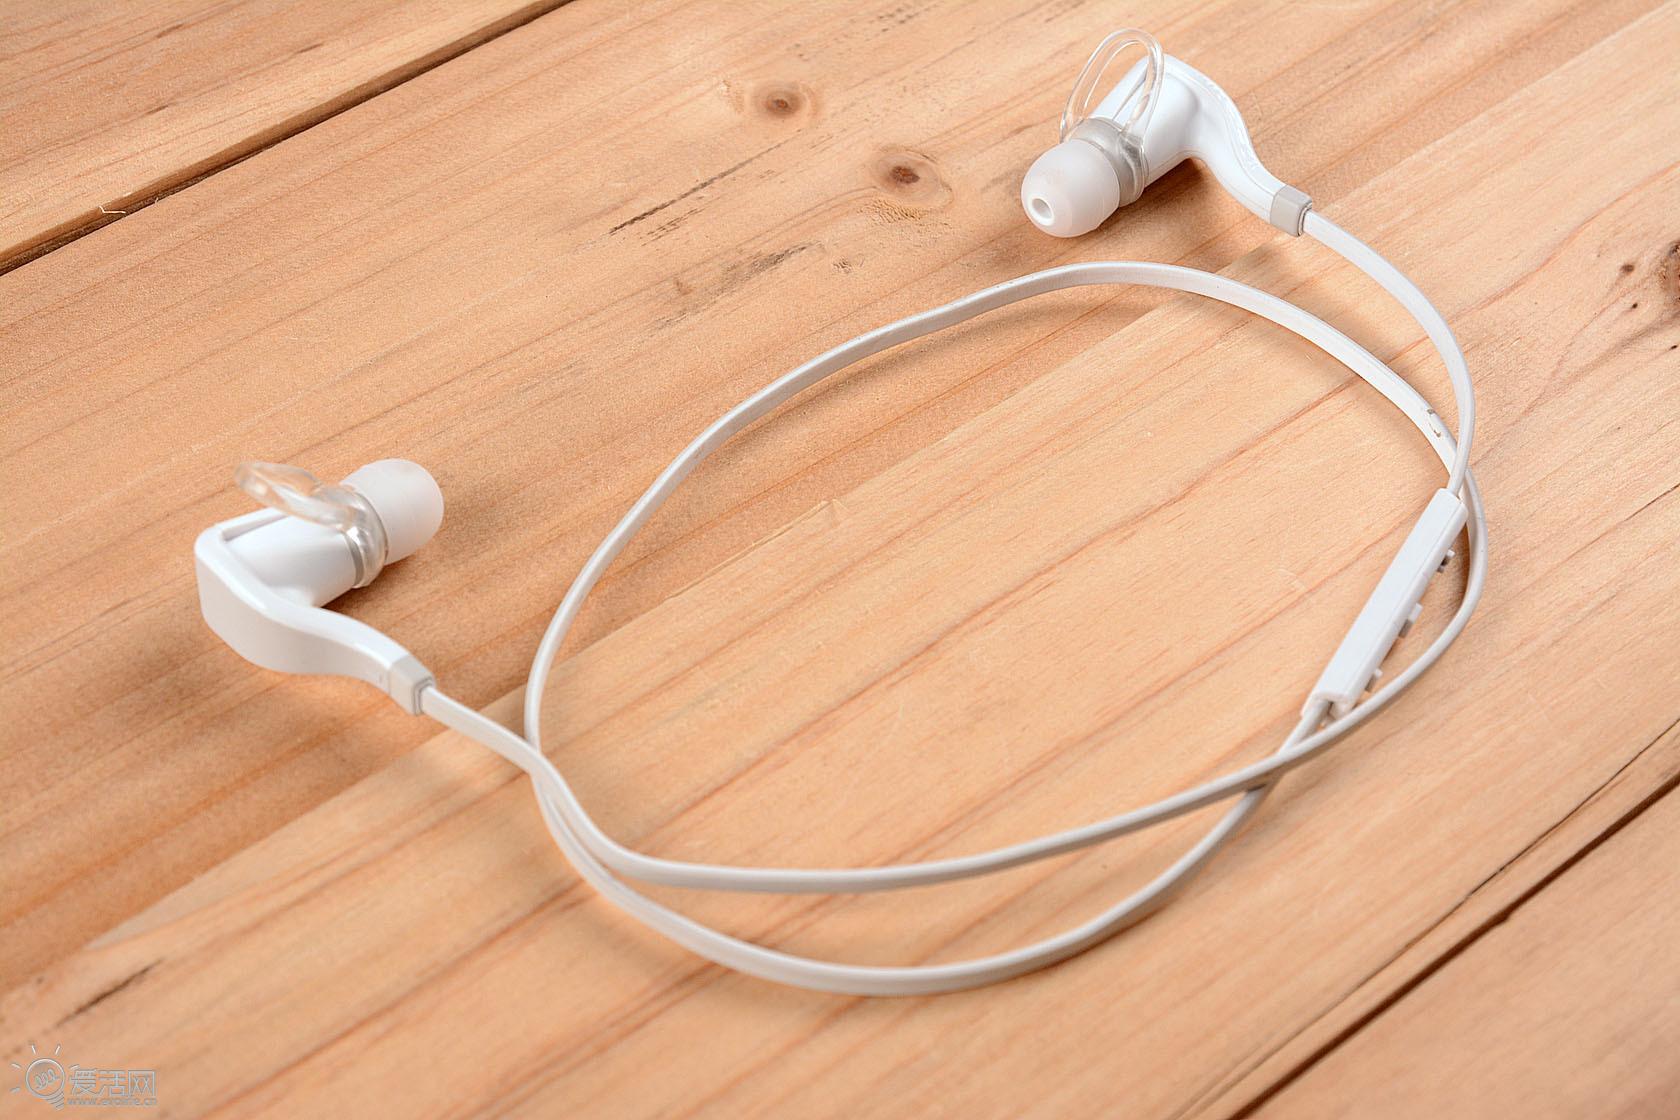 """缤特力不久前发布了一款左右声道串联的蓝牙耳机Backbeat Go 2,继承了前代Backbeat Go那打破成规的设计,一改以往蓝牙耳机头戴大体积的风格,小巧到就如同我们平常所佩戴的入耳式耳机一样。确实,Backbeat Go 2简单到只有一根""""面条""""的设计看上去没有丝毫多余,甚至当第一眼见到它时,有网友问它是如何进行充电的呢?所有的答案只可能藏在两边那不起眼的腔体里吧。  小腔体内藏乾坤 Backbeat Go 2的配件非常简单,硕大的包装盒里只有两对耳套、micro USB线"""